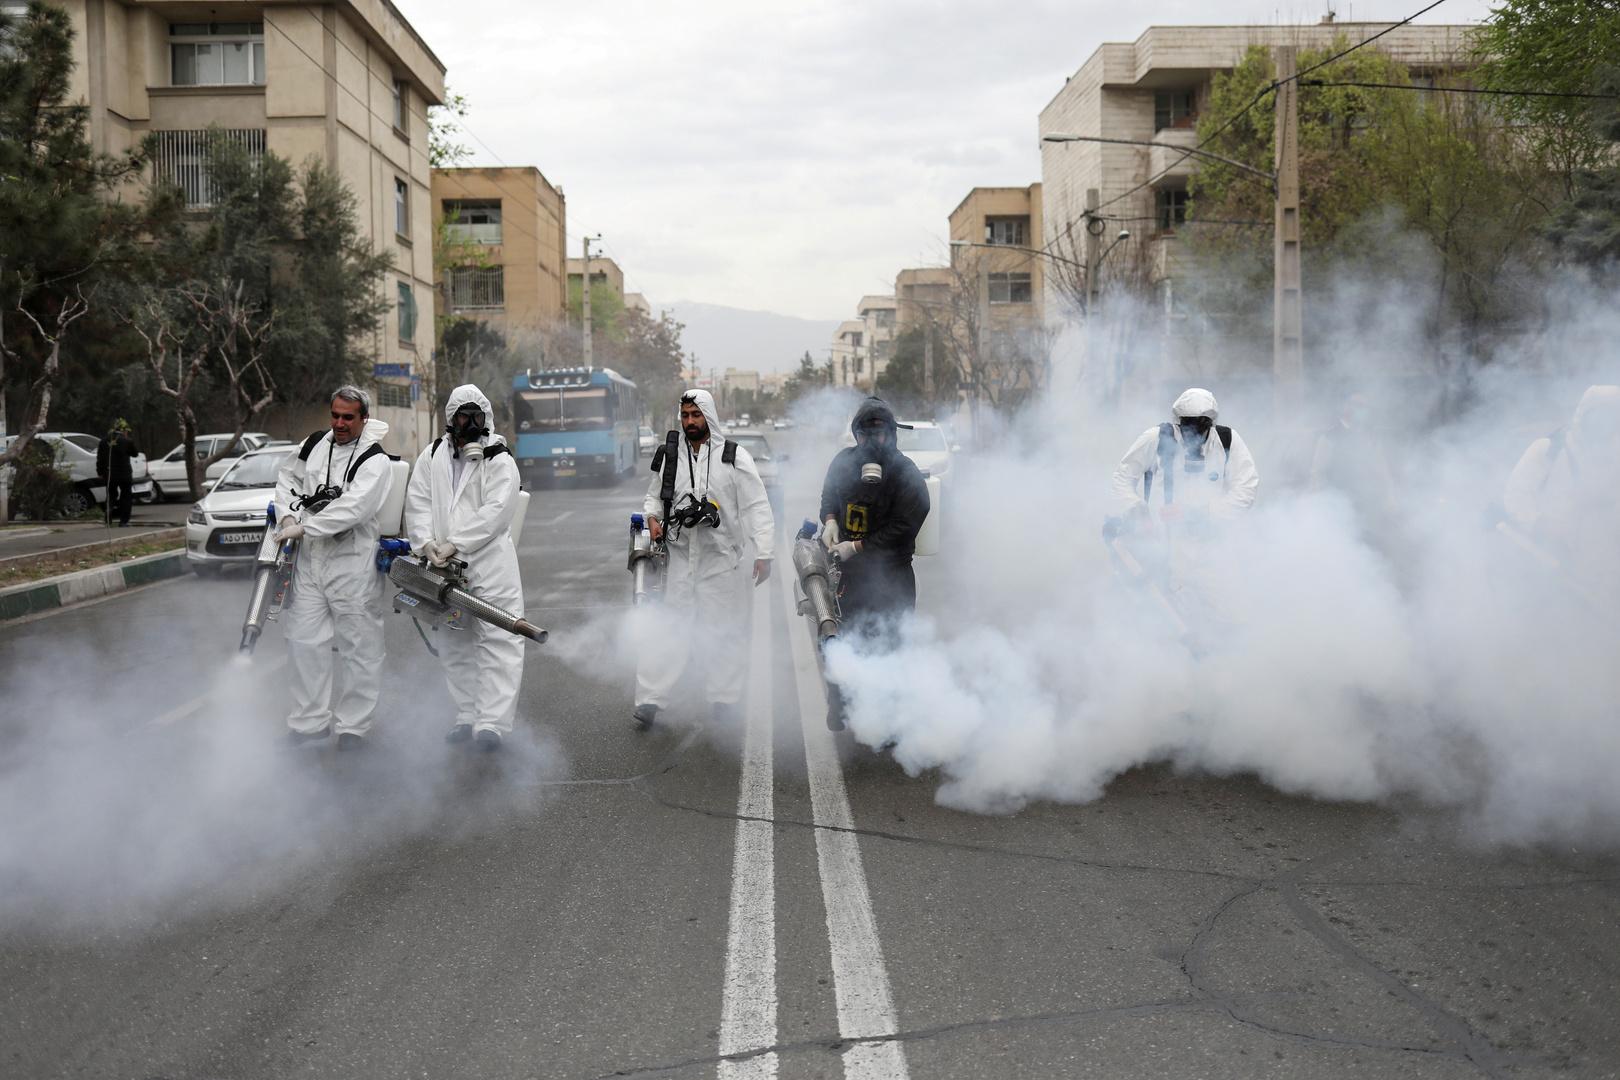 إيران تعلن عن 5 سيناريوهات محتملة لتطور وباء كورونا في البلاد